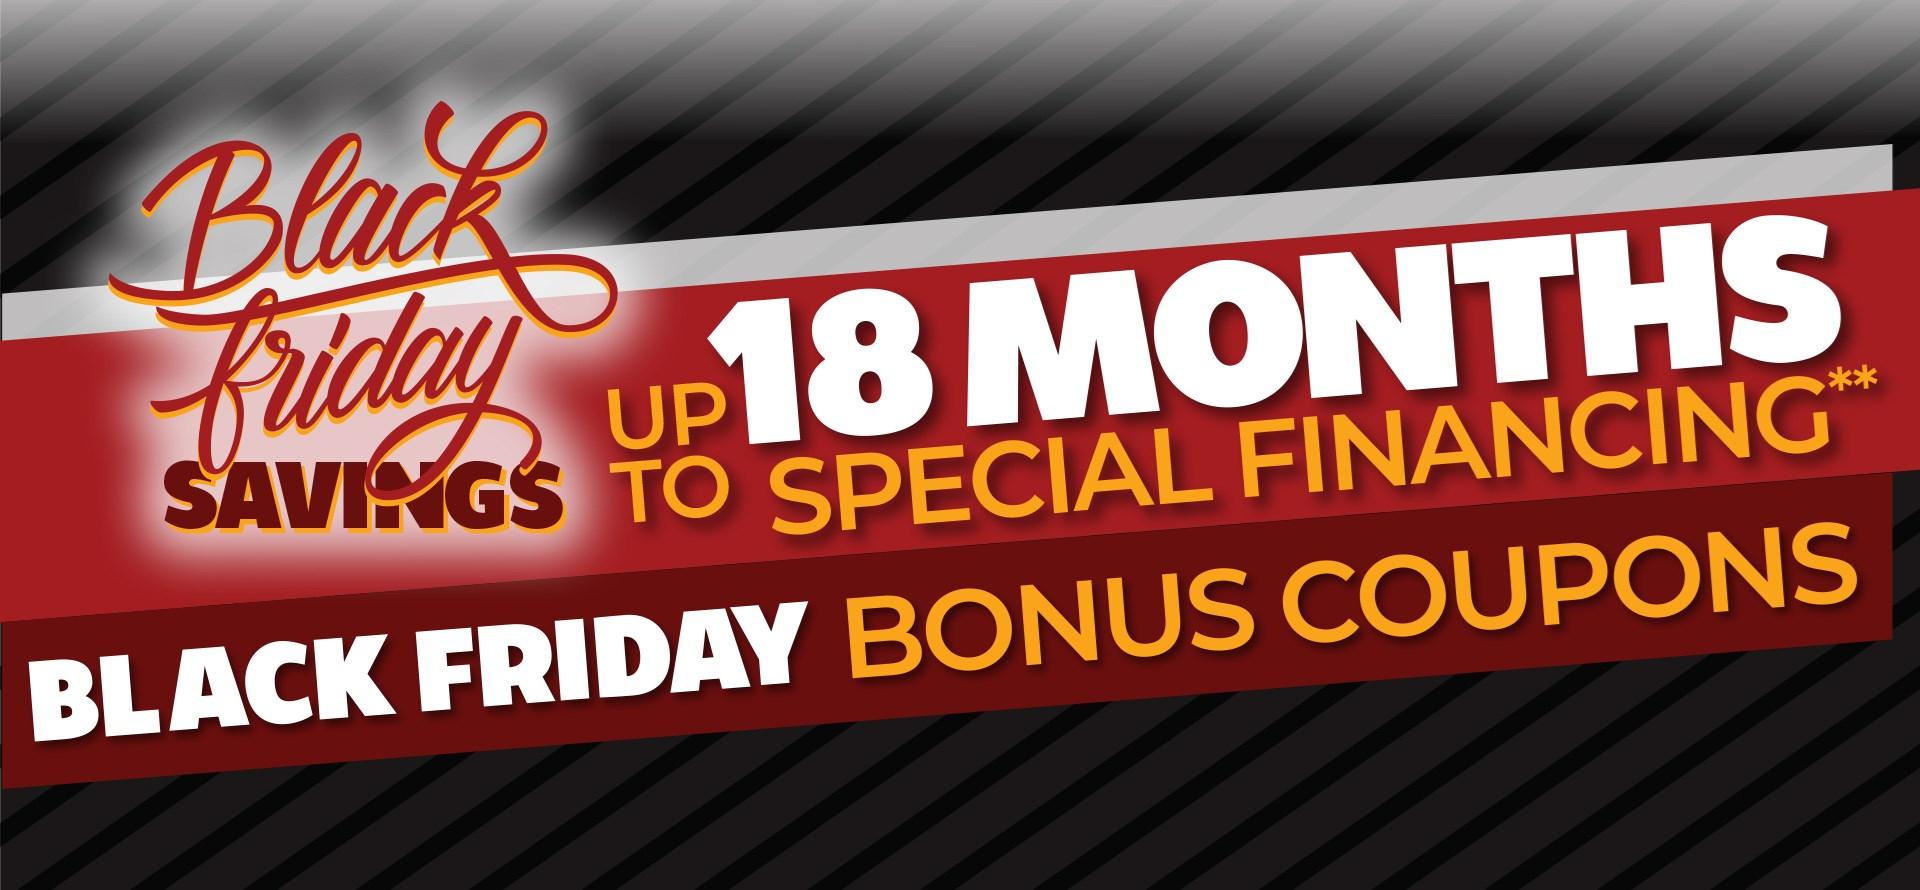 Black Friday Furniture Savings